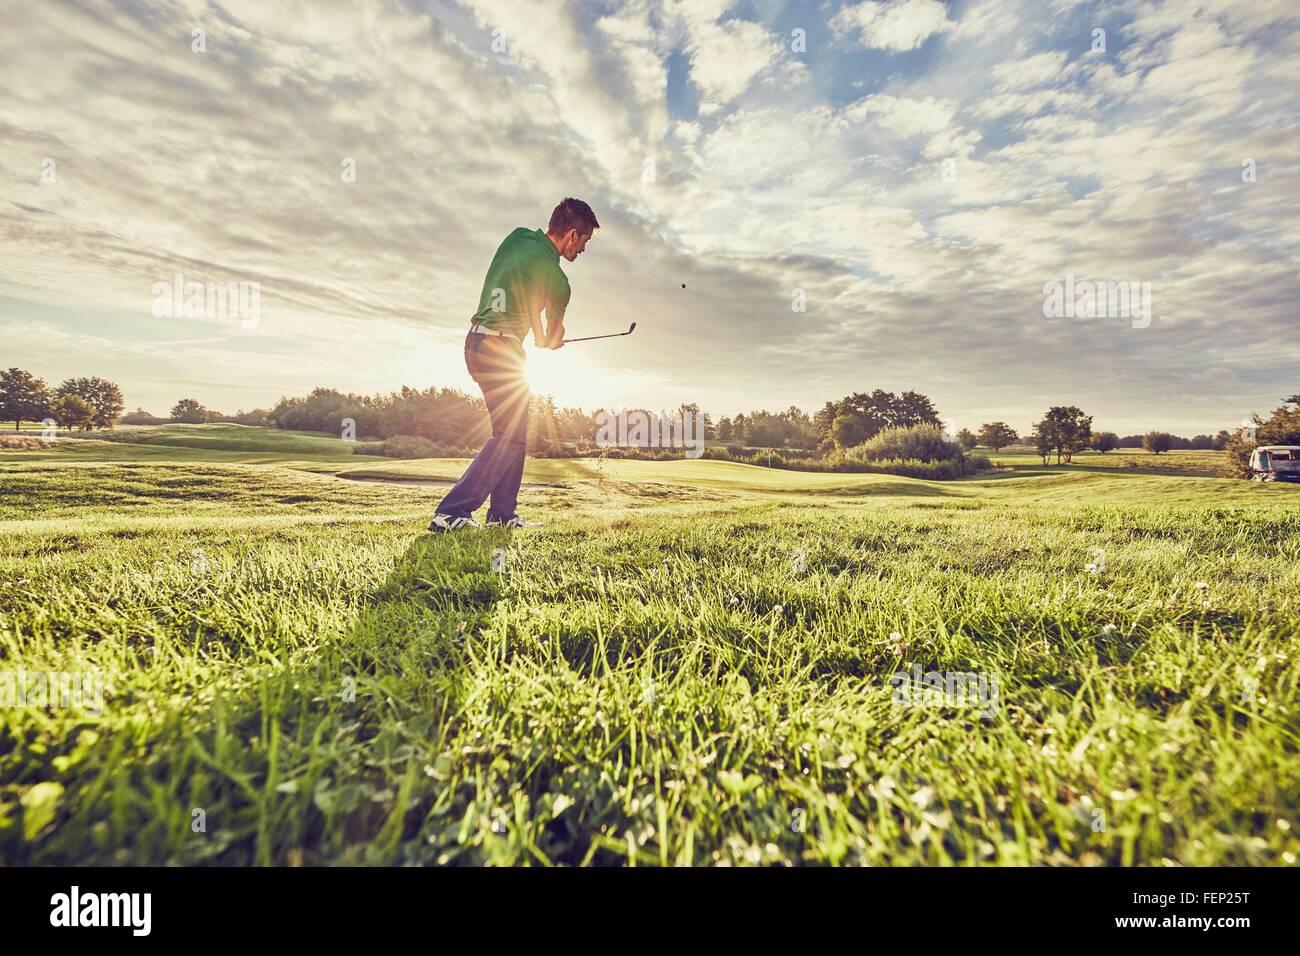 Jouer au golf golfeur sur le cours, Korschenbroich, Düsseldorf, Allemagne Banque D'Images